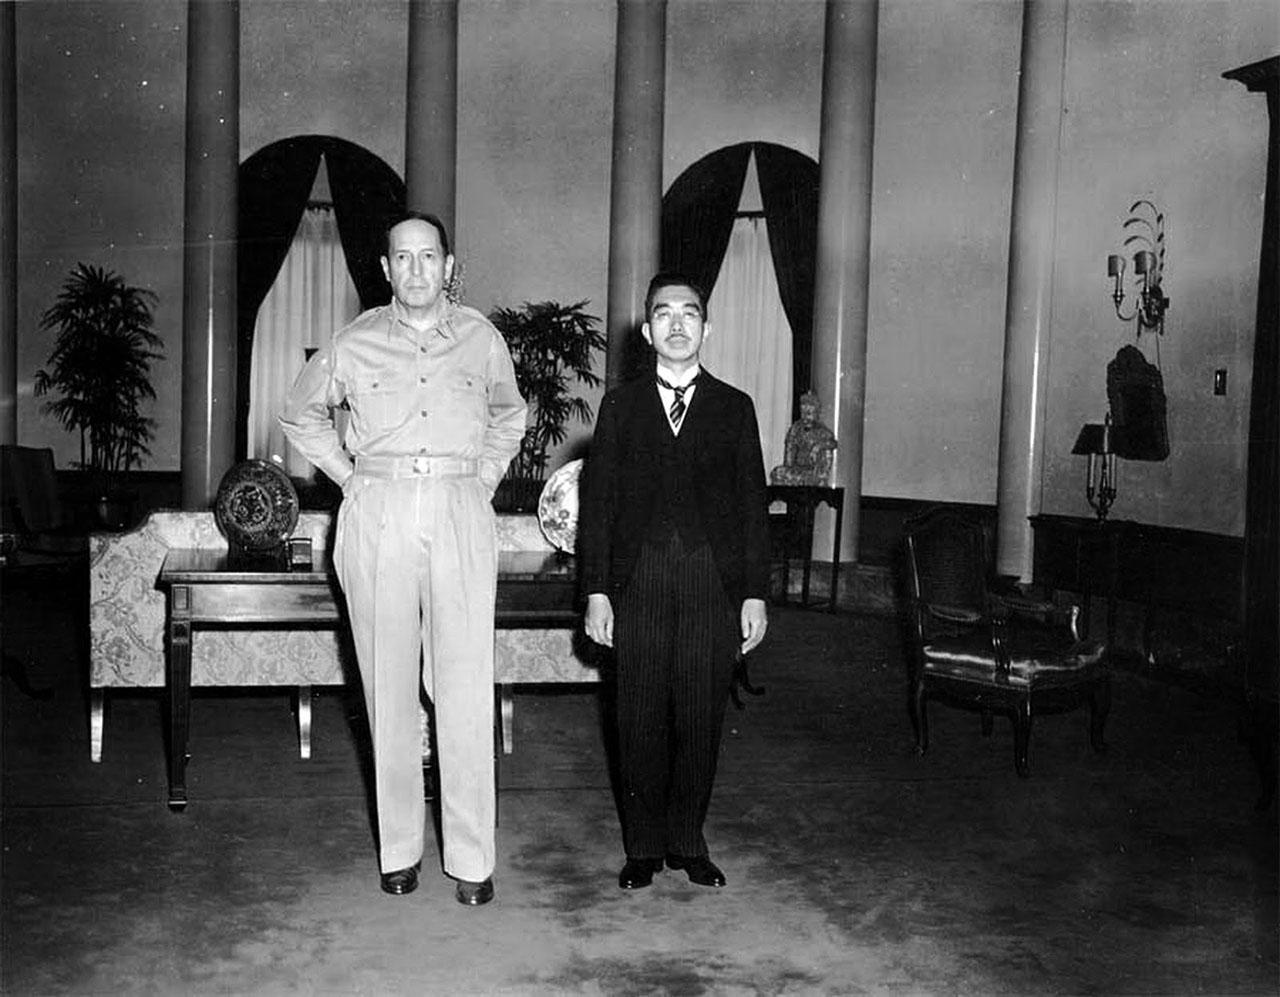 Встреча верховного командующего союзными войсками на Тихом океане генерала Дугласа МакАртура и императора Японии Хирохито . Встреча произошла в посольстве США в Токио после подписания капитуляции Японии.